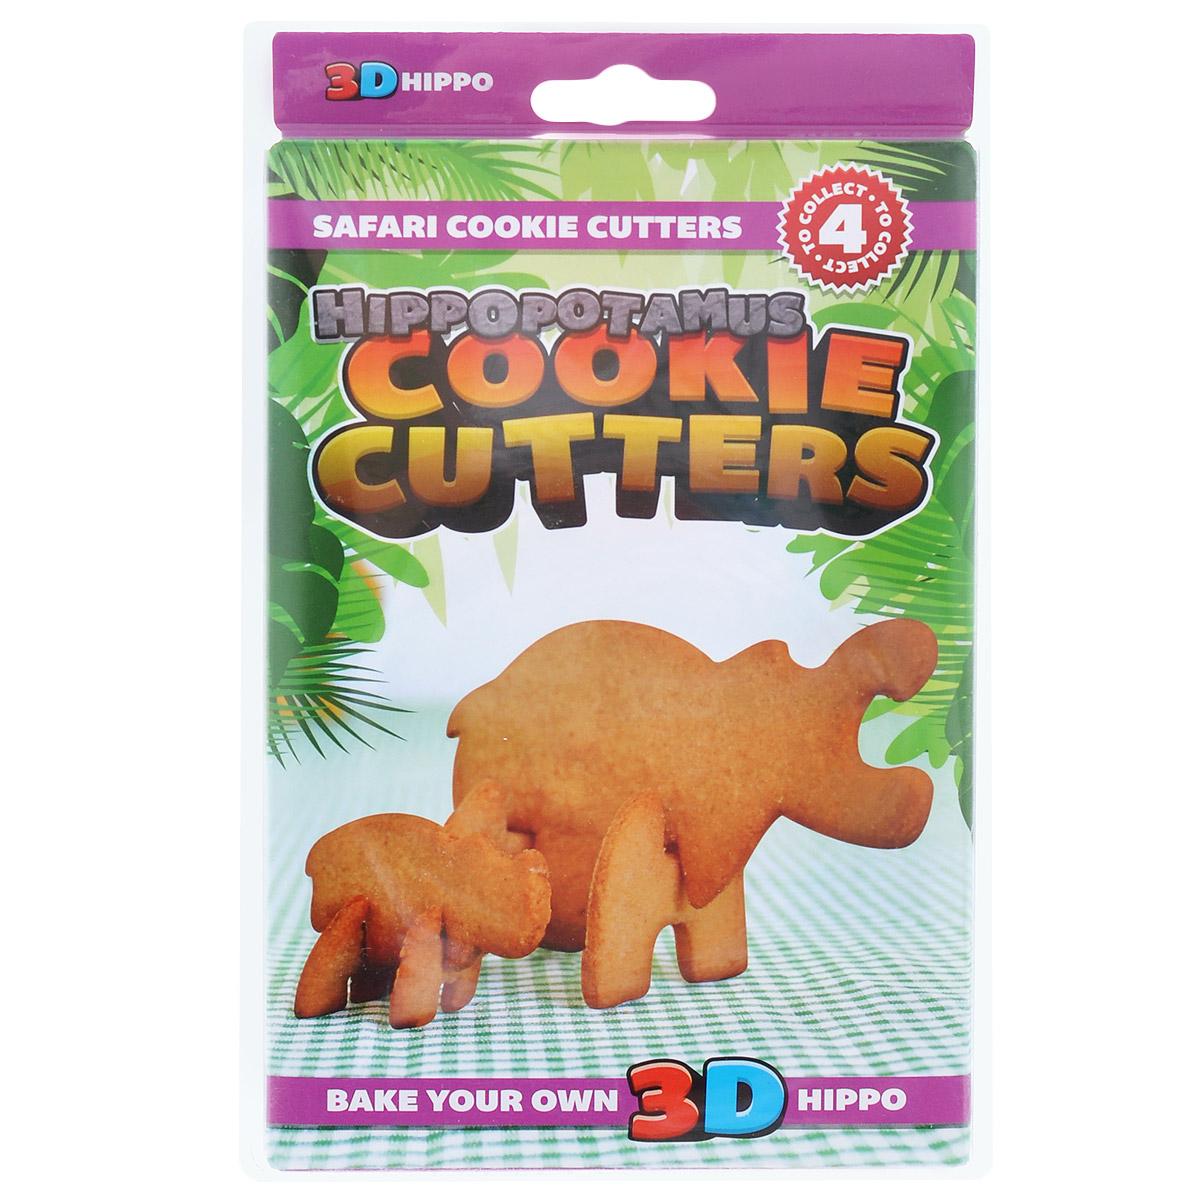 Форма для печенья 3D Suck UK Гиппопотам, цвет: фиолетовыйSK COOKIESAFARI43D форма для печенья Suck UK Гиппопотам, изготовленная из высококачественного и прочного пластика, состоит из четырех составных частей, которые позволяют собрать объемную фигуру в виде гиппопотама. С такой формой легко и просто вырезать фигурное тесто для приготовления домашнего печенья. Форма для печенья Suck UK Гиппопотам вдохновит вас и вашего ребенка на кулинарные шедевры. Можно мыть в посудомоечной машине. Размер самой большой составной части: 14 см х 8 см. Размер самой маленькой составной части: 3 см х 3 см.